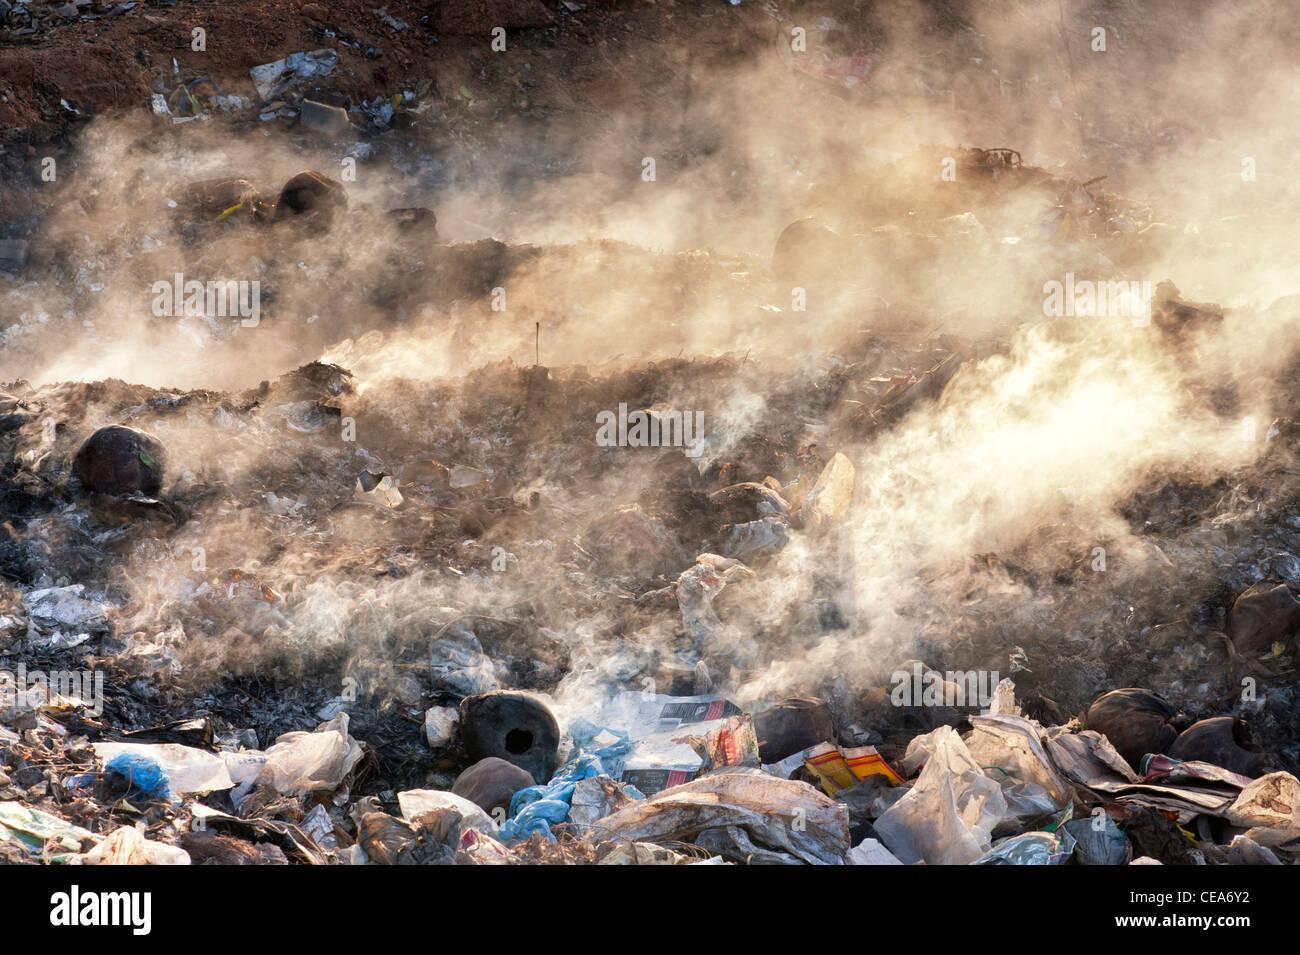 Rifiuti domestici vengono bruciate sul ciglio della strada in India Immagini Stock